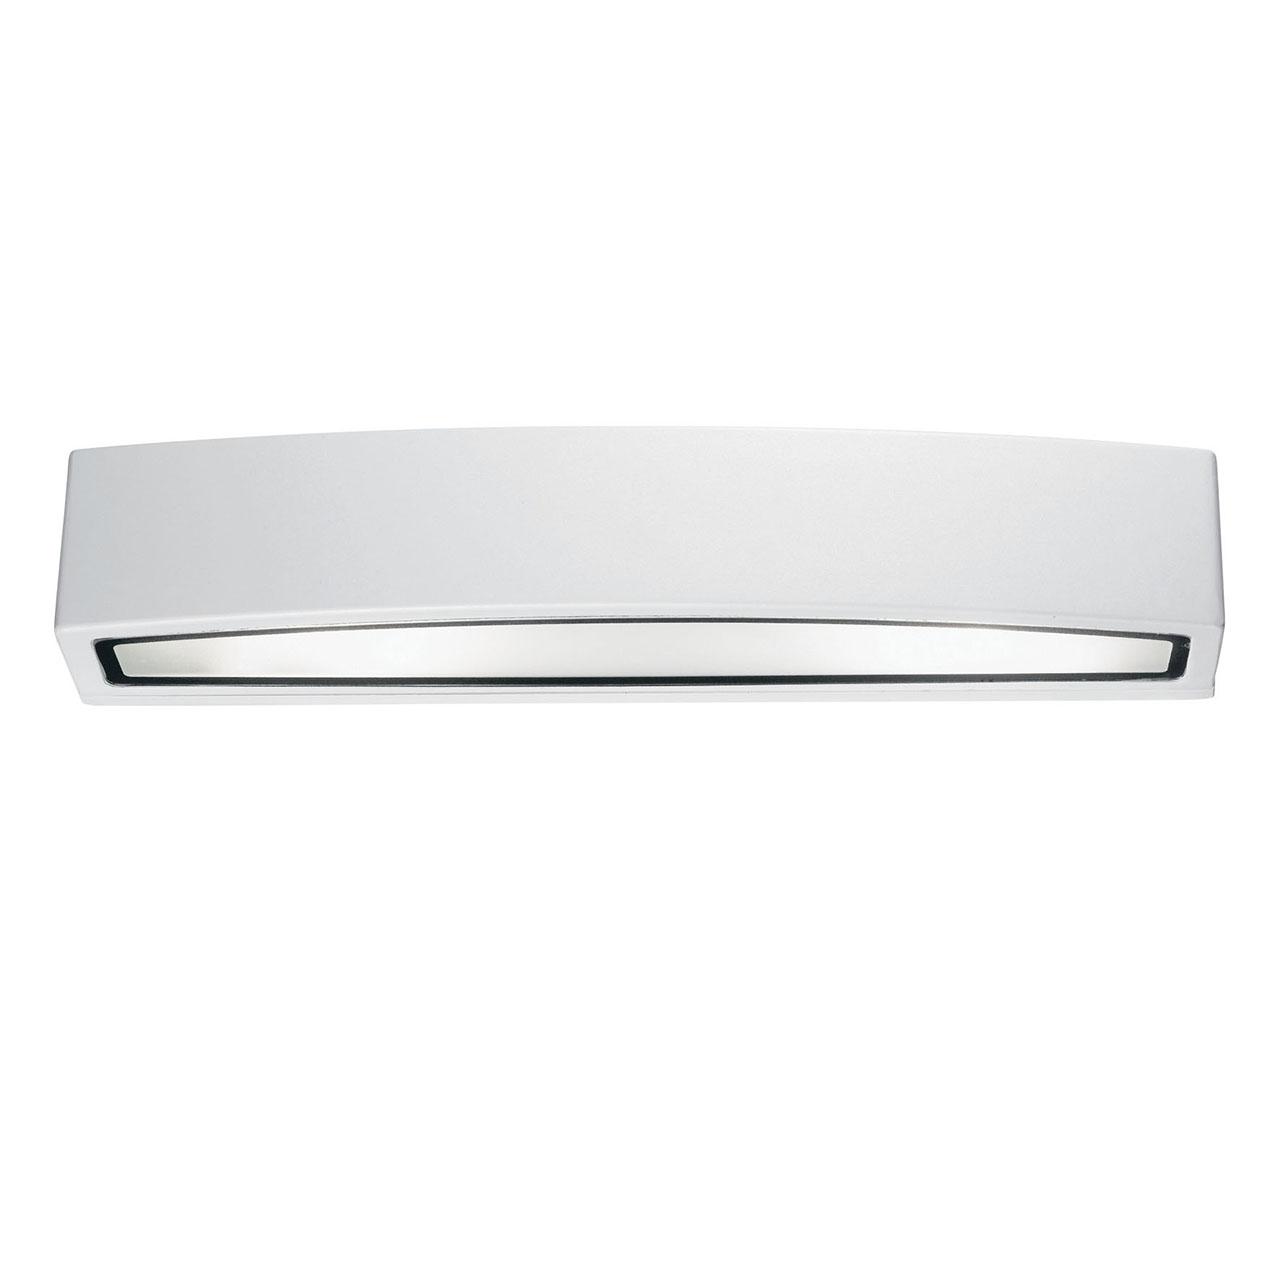 цены на Уличный светильник Ideal Lux, E27  в интернет-магазинах